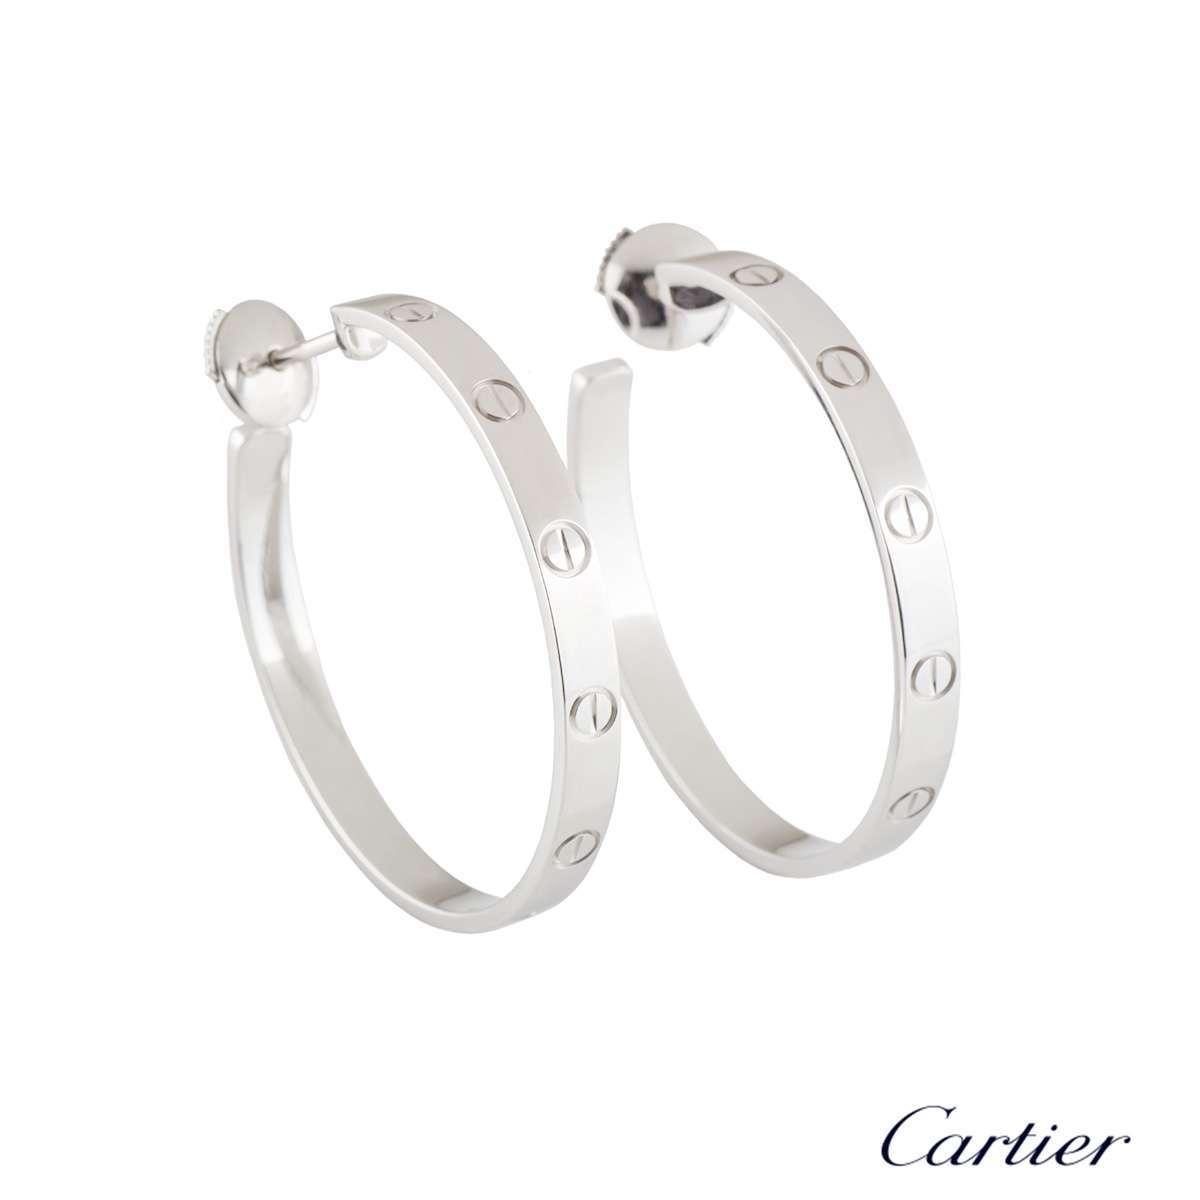 Cartier White Gold Plain Love Earrings B8028300